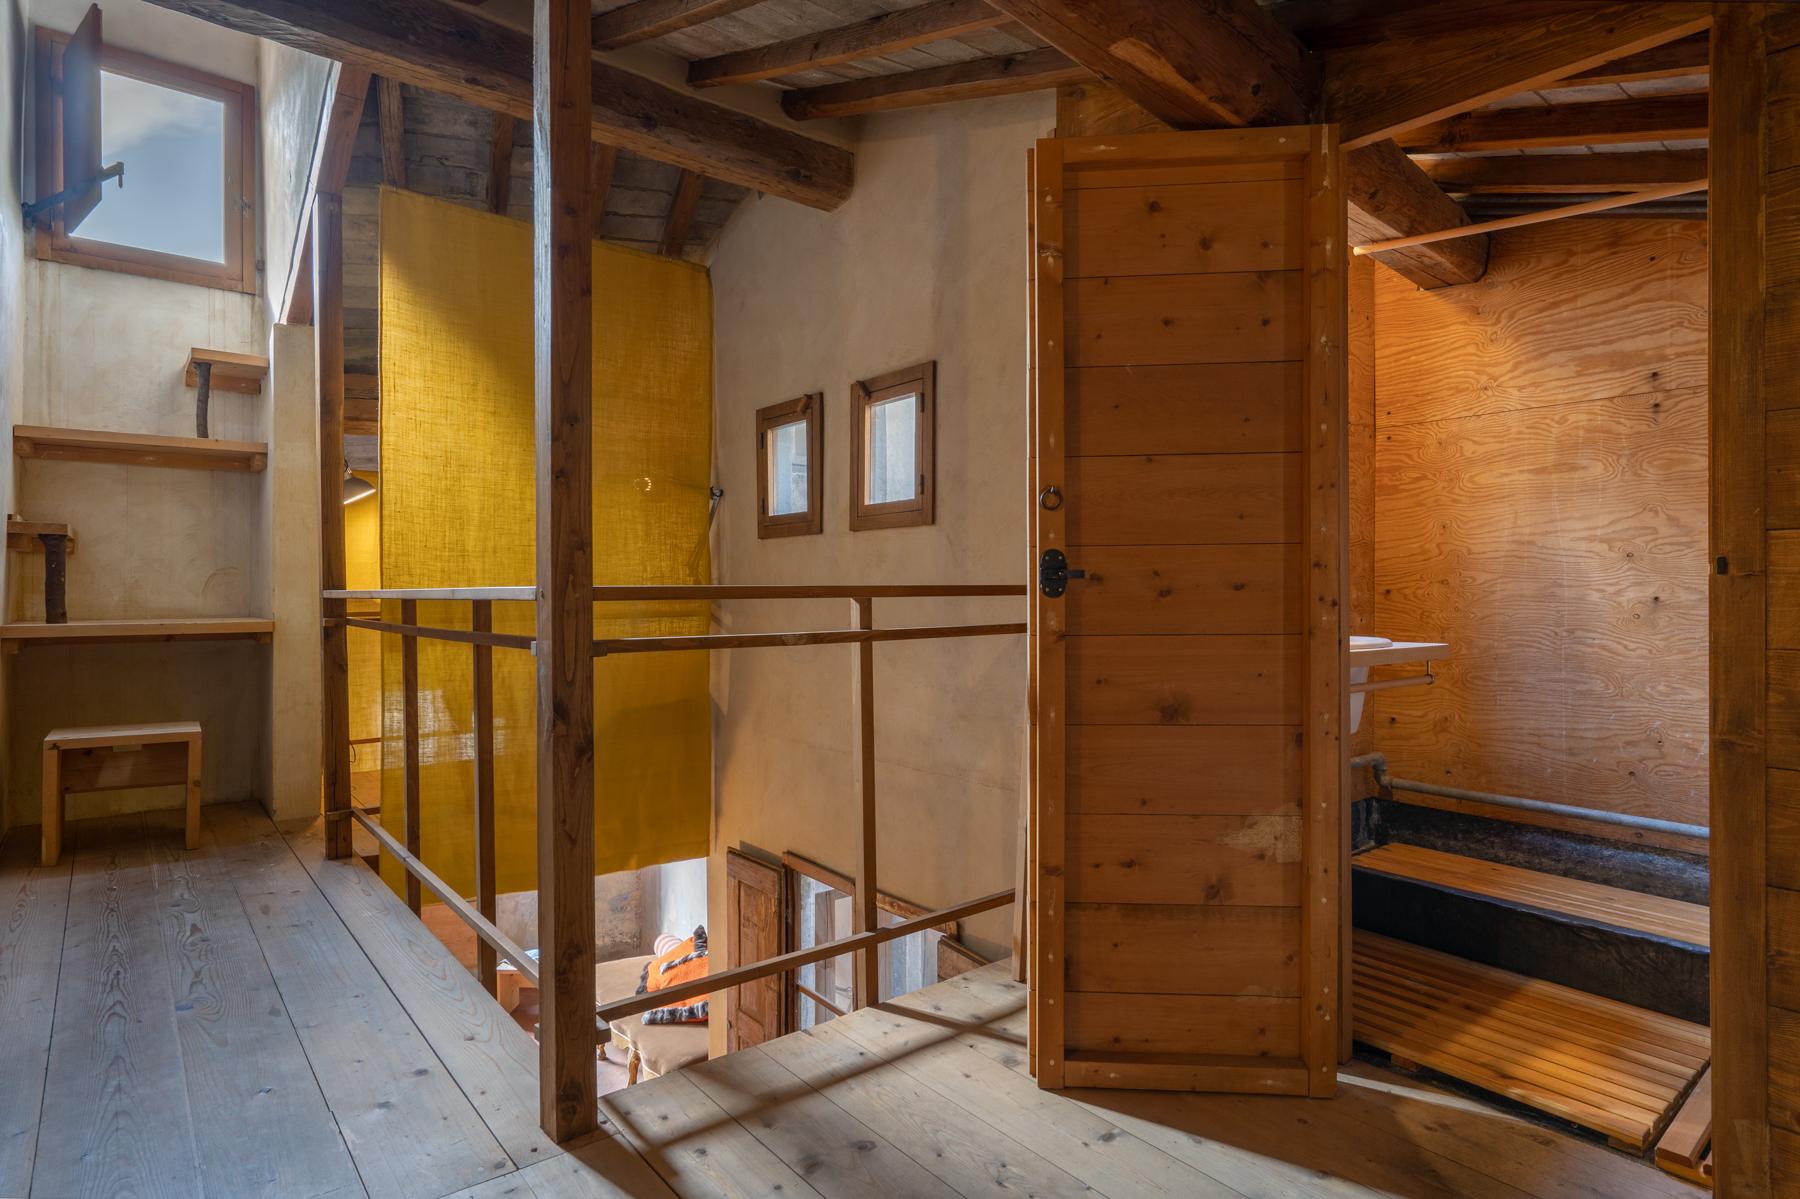 Appartamento in Vendita a Firenze: 4 locali, 120 mq - Foto 16